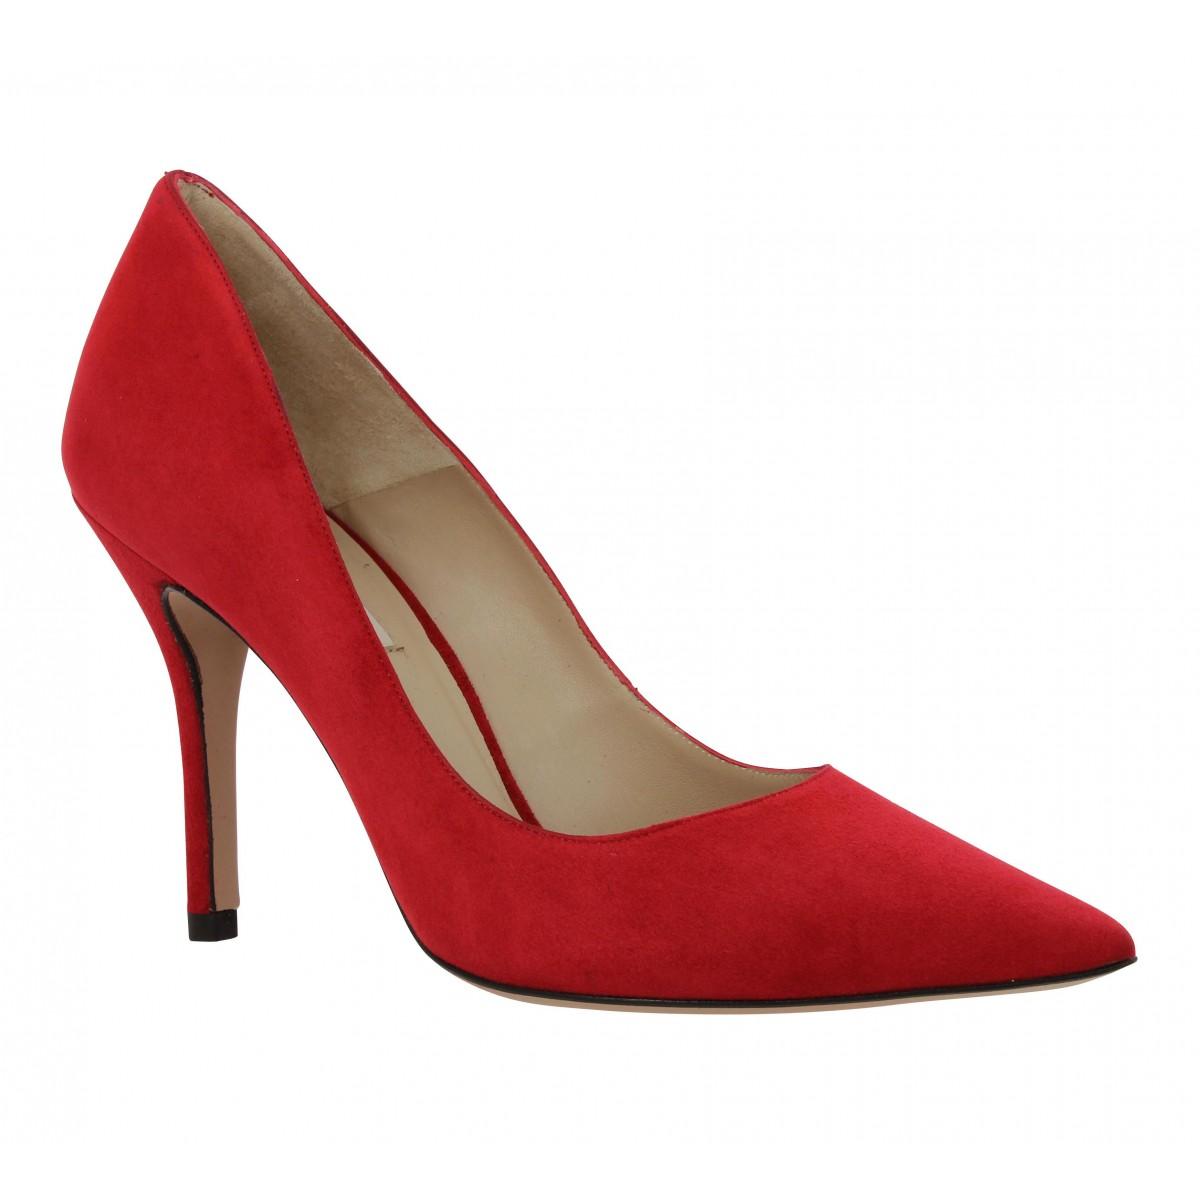 Escarpins PURA LOPEZ 650 velours Femme Rouge